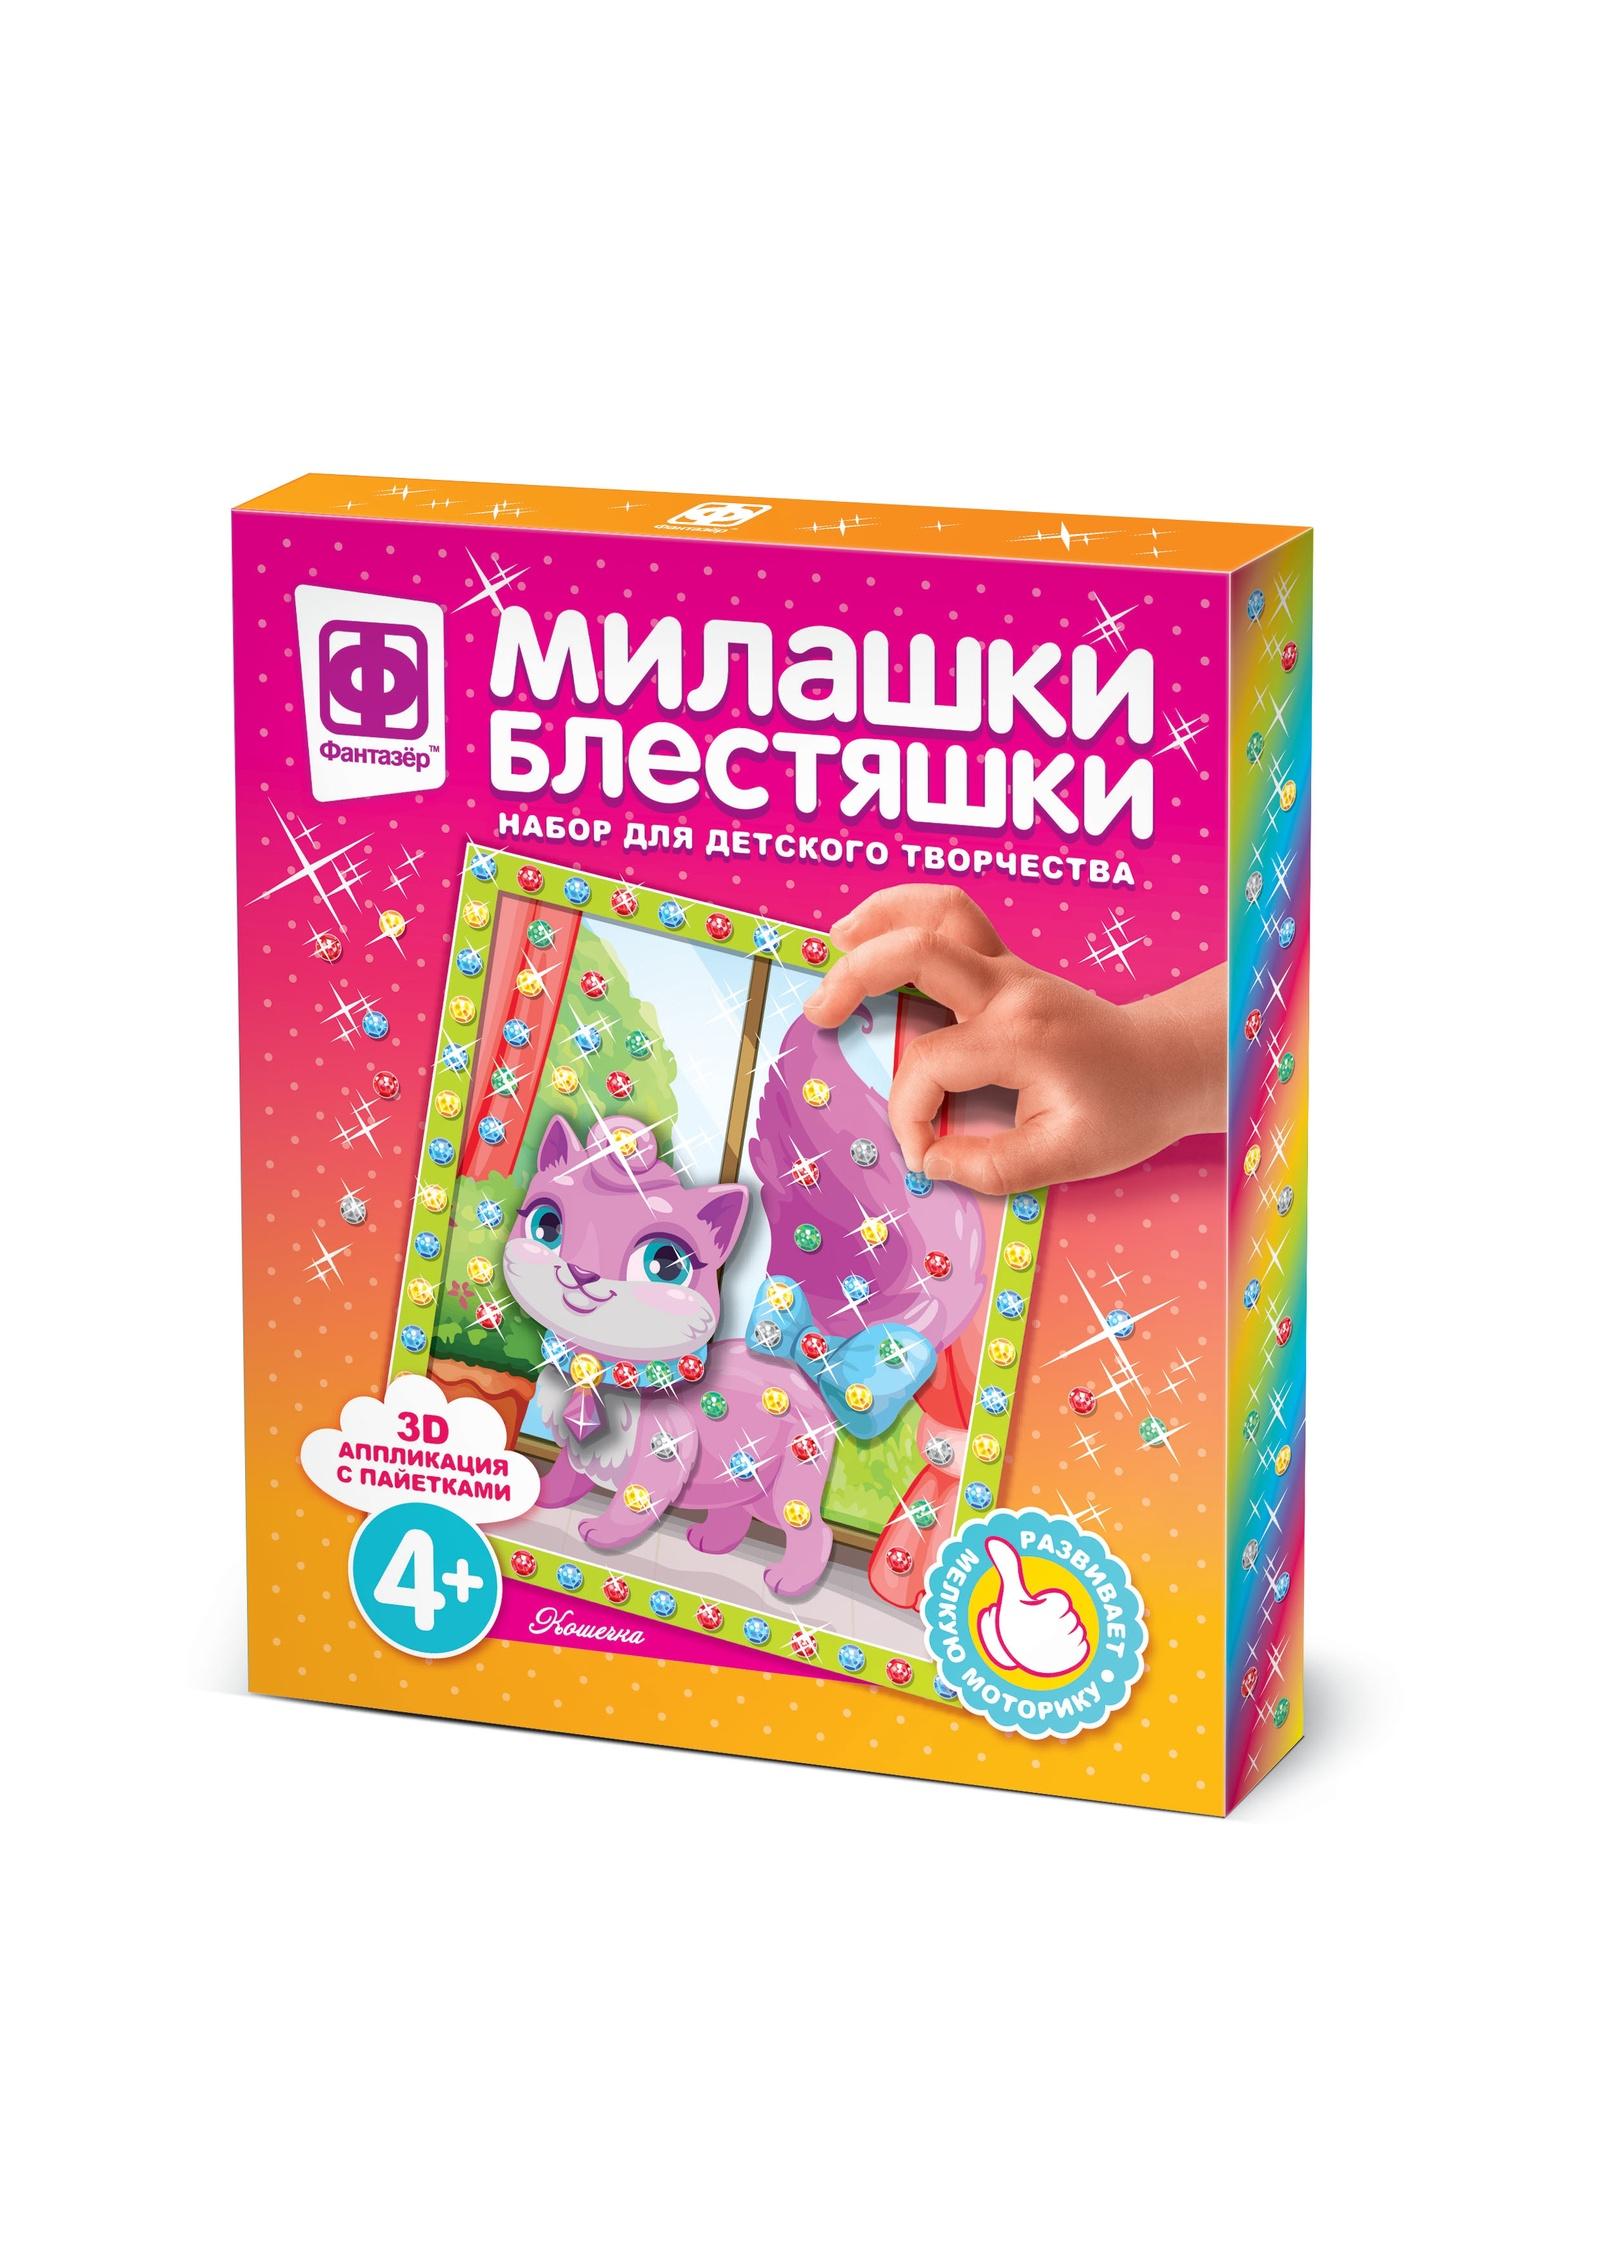 Nabor-dlya-sozdaniya-applikacii-Fantazyor-Applikaciya-150205870